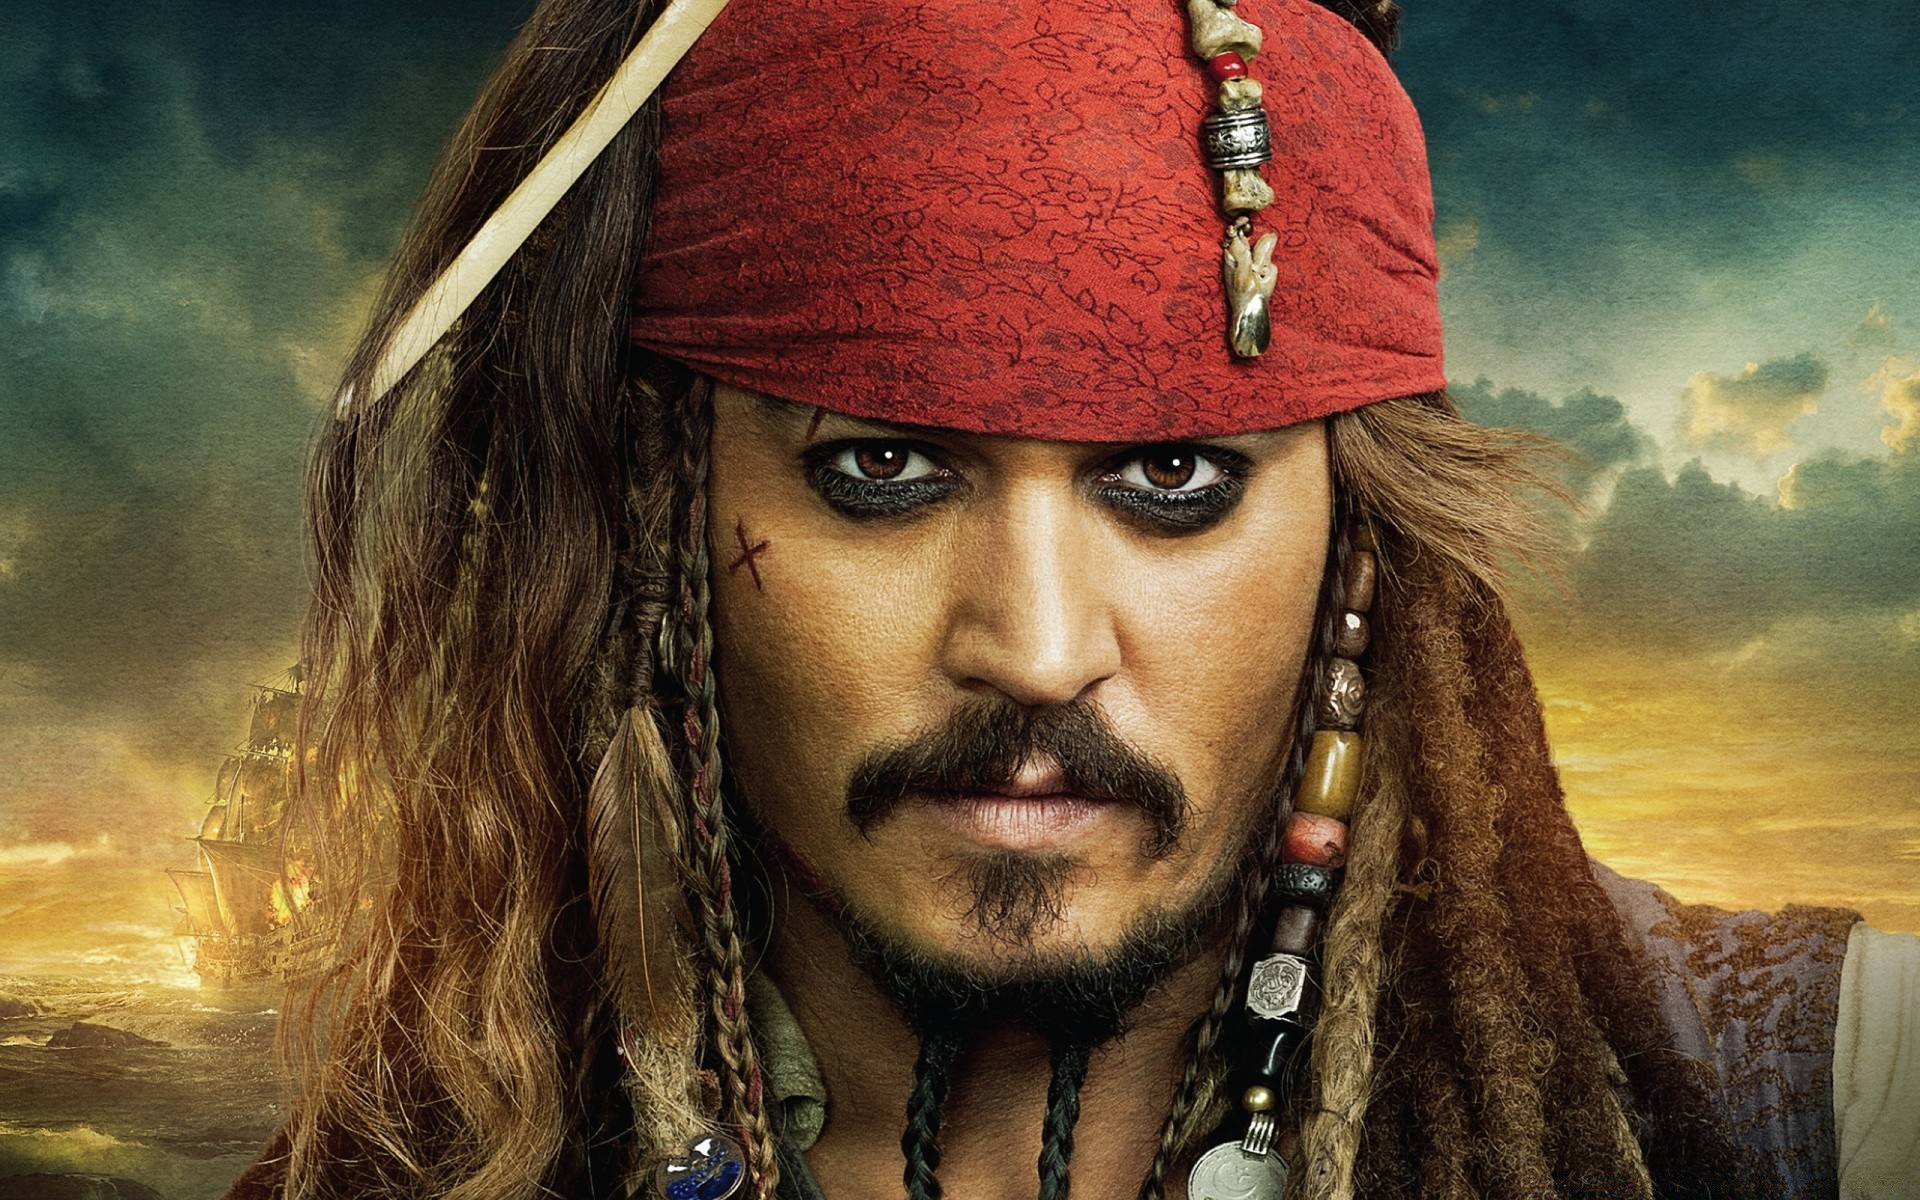 трогательный картинки джонни деппа из пиратов карибского моря военкомат